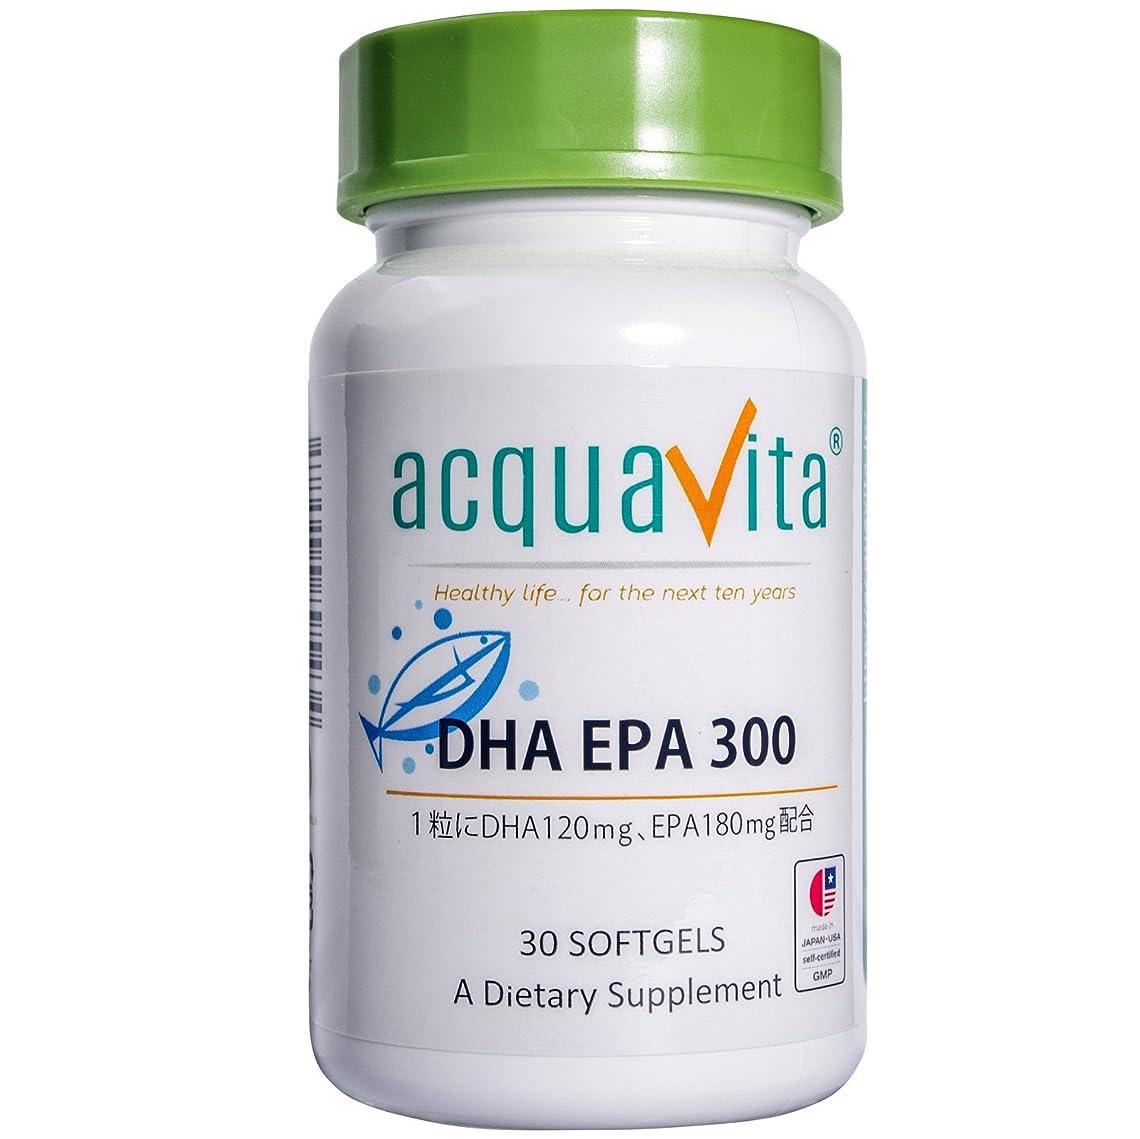 かんたん濃度acquavita(アクアヴィータ)DHA EPA300 30粒